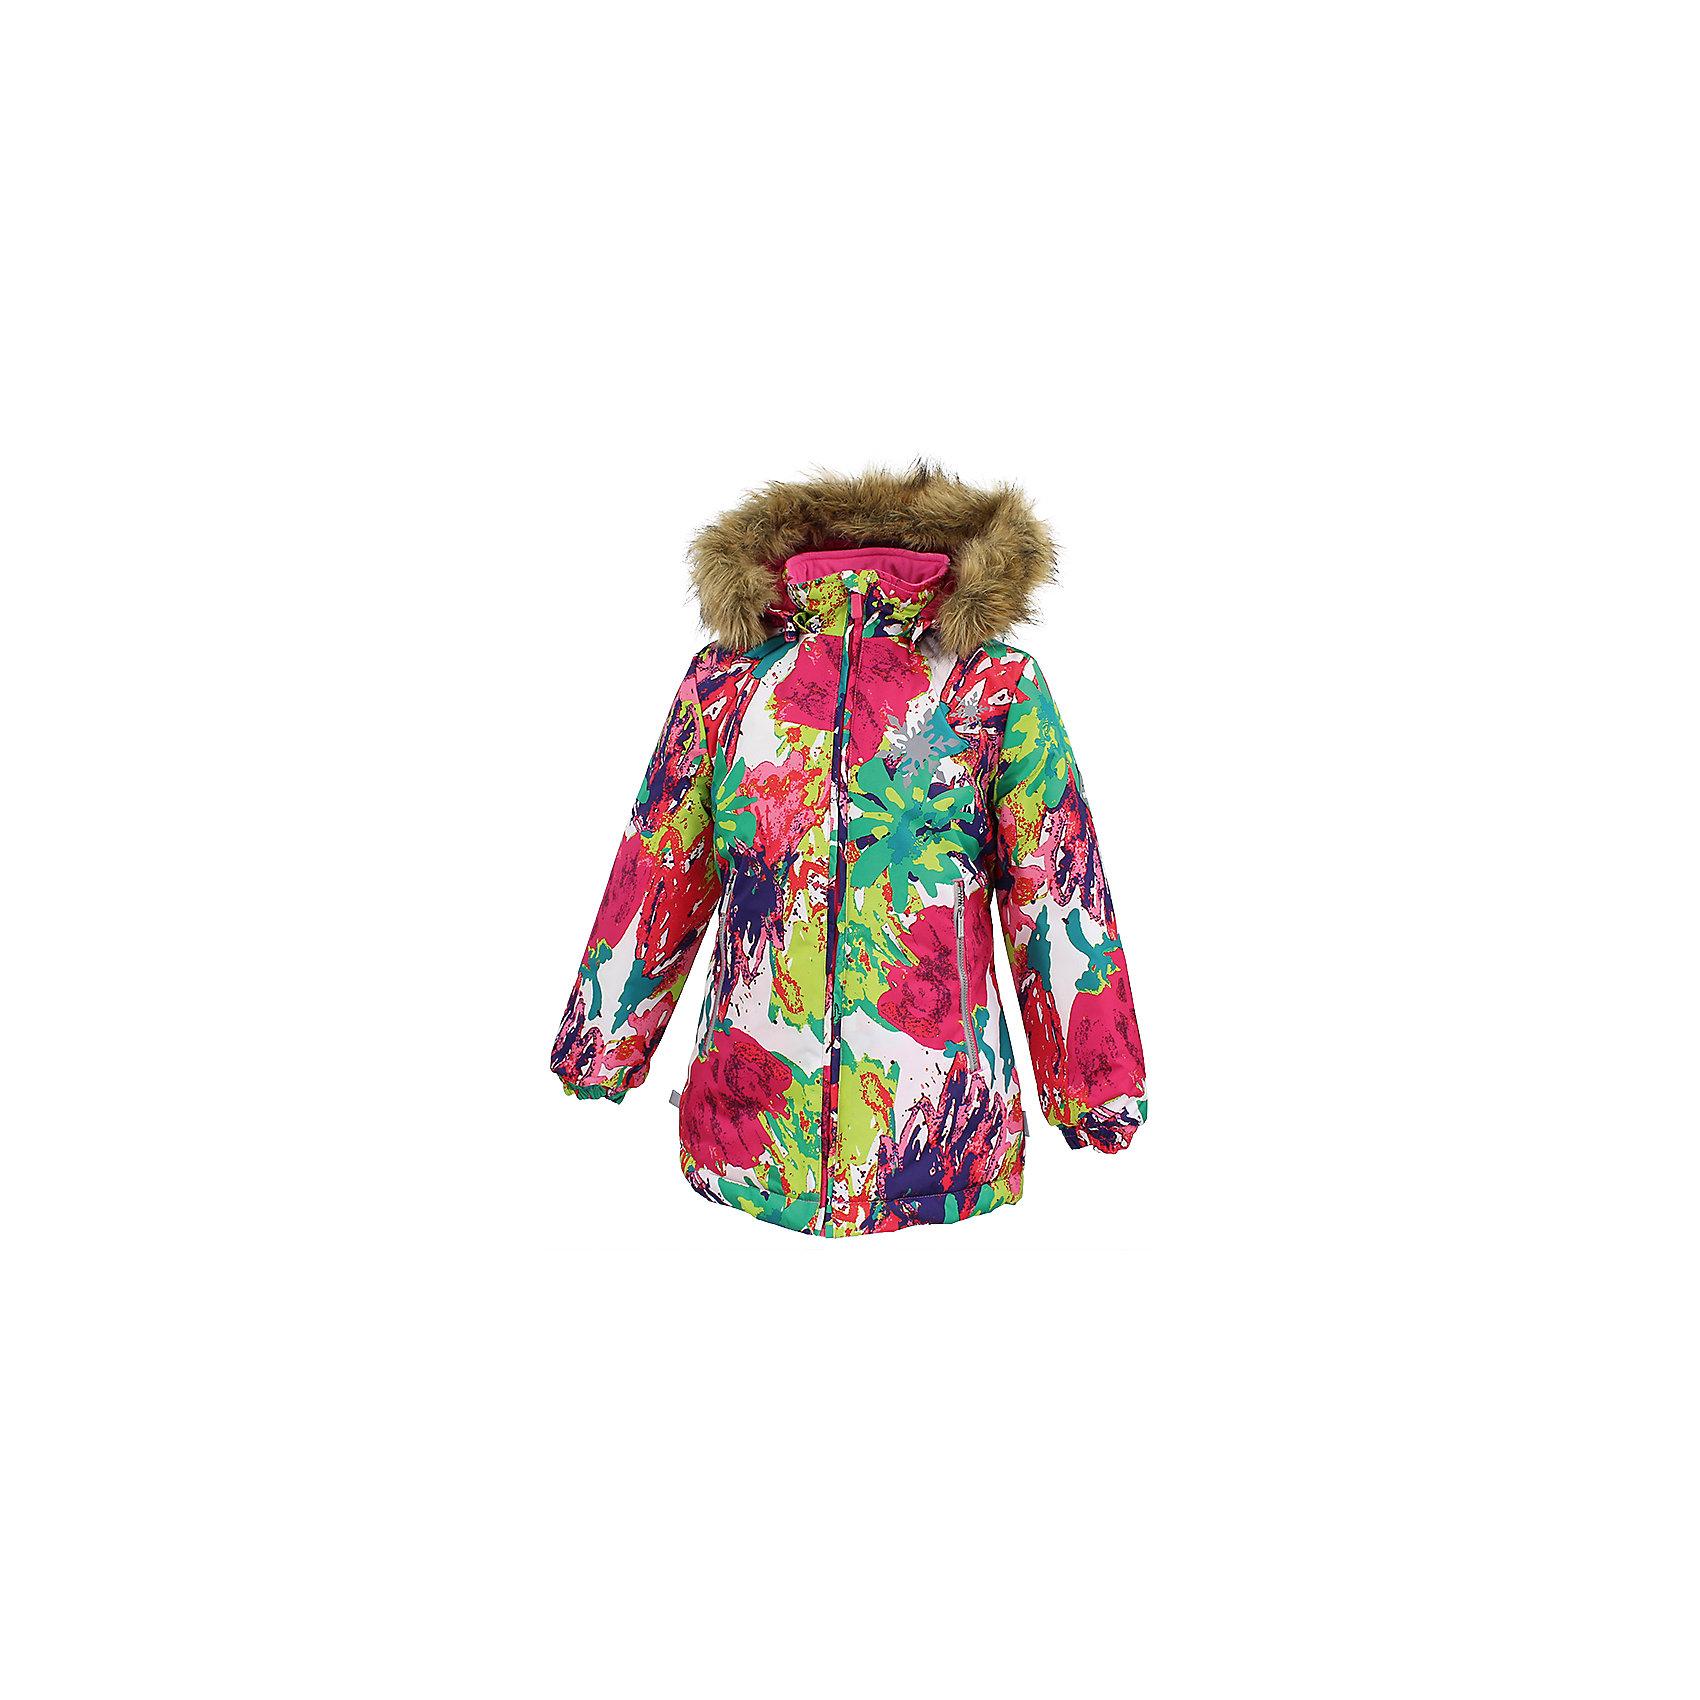 Куртка LOORE Huppa для девочкиВерхняя одежда<br>Характеристики товара:<br><br>• модель: Loore;<br>• состав: 100% полиэстер;<br>• утеплитель:  нового поколенияHuppaTherm,300 гр.;<br>• подкладка: полиэстер, тафта;<br>• сезон: зима;<br>• температурный режим: от - 5 до - 30С;<br>• водонепроницаемость: 10000 мм;<br>• воздухопроницаемость: 10000 г/м2/24ч;<br>• защитная планка молнии;<br>• защита подбородка от защемления;<br>• капюшон крепится на кнопки и, при необходимости, отстегивается;<br>• эластичный шнур с фиксатором;<br>• карманы застегиваются на молнию;<br>• светоотражающие элементы для безопасности ребенка;<br>• манжеты рукавов на резинке; <br>• страна бренда: Финляндия;<br>• страна изготовитель: Эстония.<br><br>Куртка Loore  для девочки изготовлена из водо и ветронепроницаемого, грязеотталкивающего материала. В куртке Loore 300 грамм утеплителя, которые обеспечат тепло и комфорт ребенку при температуре от -5 до -30 градусов.Подкладка —полиэстер, тафта.<br><br>Функциональные элементы: капюшон отстегивается с помощью кнопок, защитная планка молнии, защита подбородка от защемления, эластичный шнур с фиксатором, карманы застегиваются на молнию,   манжеты рукавов на резинке, светоотражающие элементы. <br><br>Куртку  Loore для девочки бренда HUPPA  можно купить в нашем интернет-магазине.<br><br>Ширина мм: 356<br>Глубина мм: 10<br>Высота мм: 245<br>Вес г: 519<br>Цвет: белый<br>Возраст от месяцев: 168<br>Возраст до месяцев: 180<br>Пол: Женский<br>Возраст: Детский<br>Размер: 170,110,116,122,128,134,140,146,152,158,164<br>SKU: 7025018